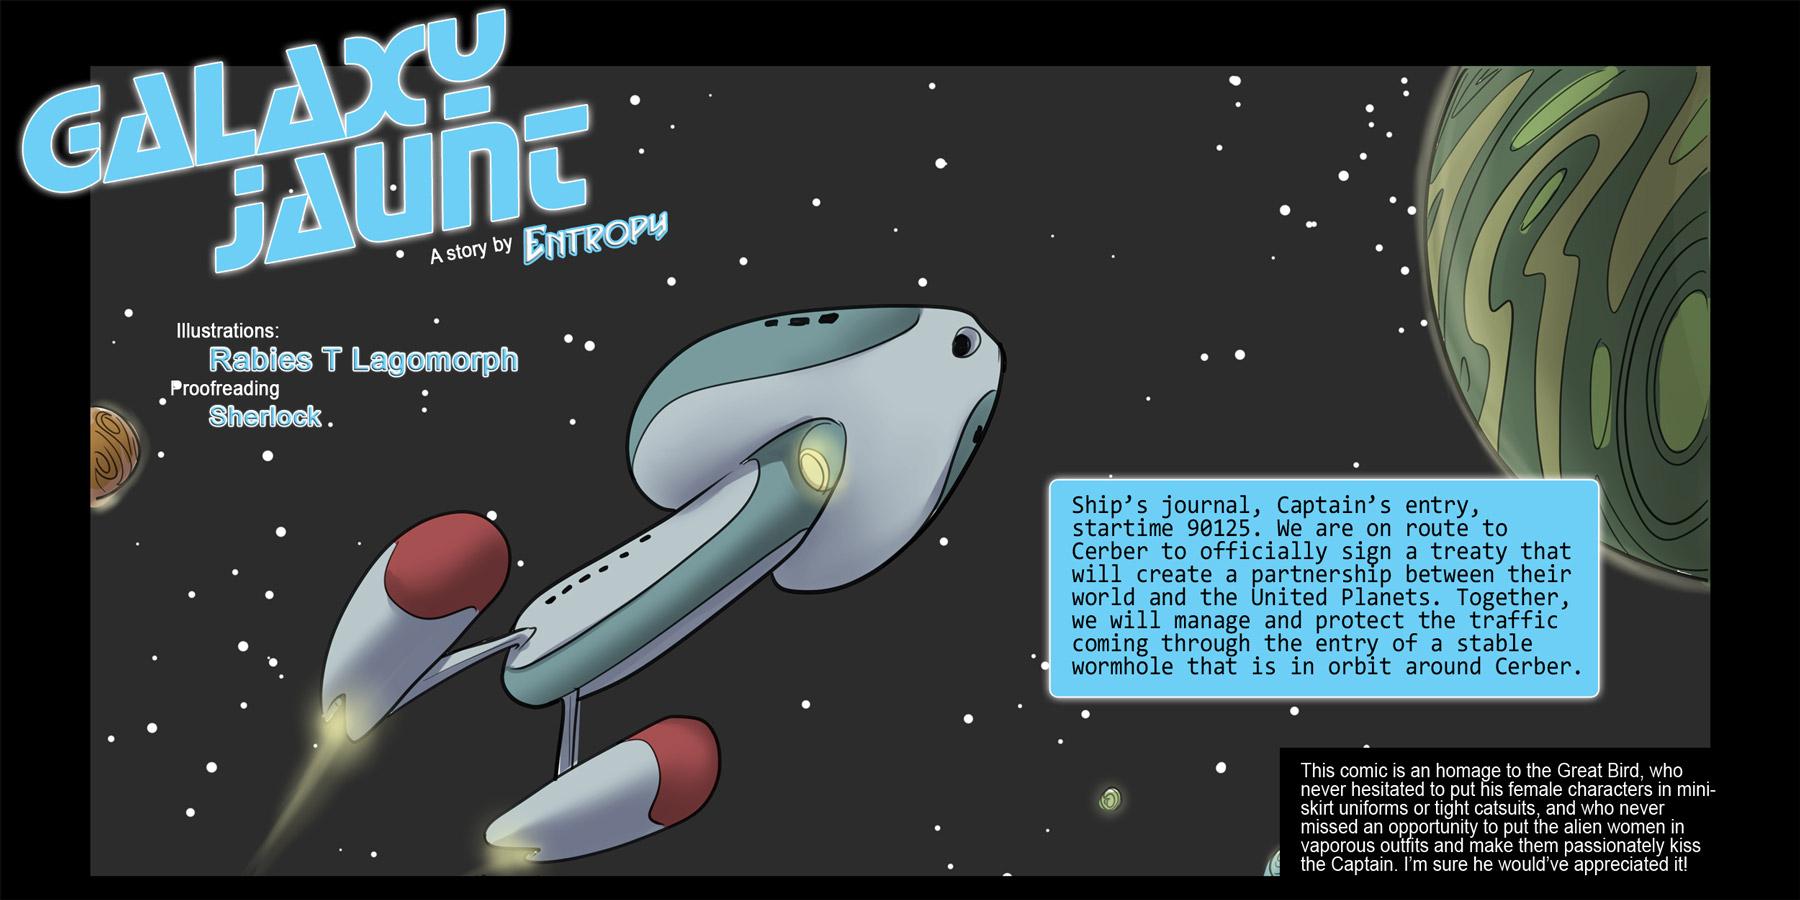 Goodcomix.tk Star Trek - [Rabies T Lagomorph (Entropy)] - Galaxy Jaunt - Episode 1